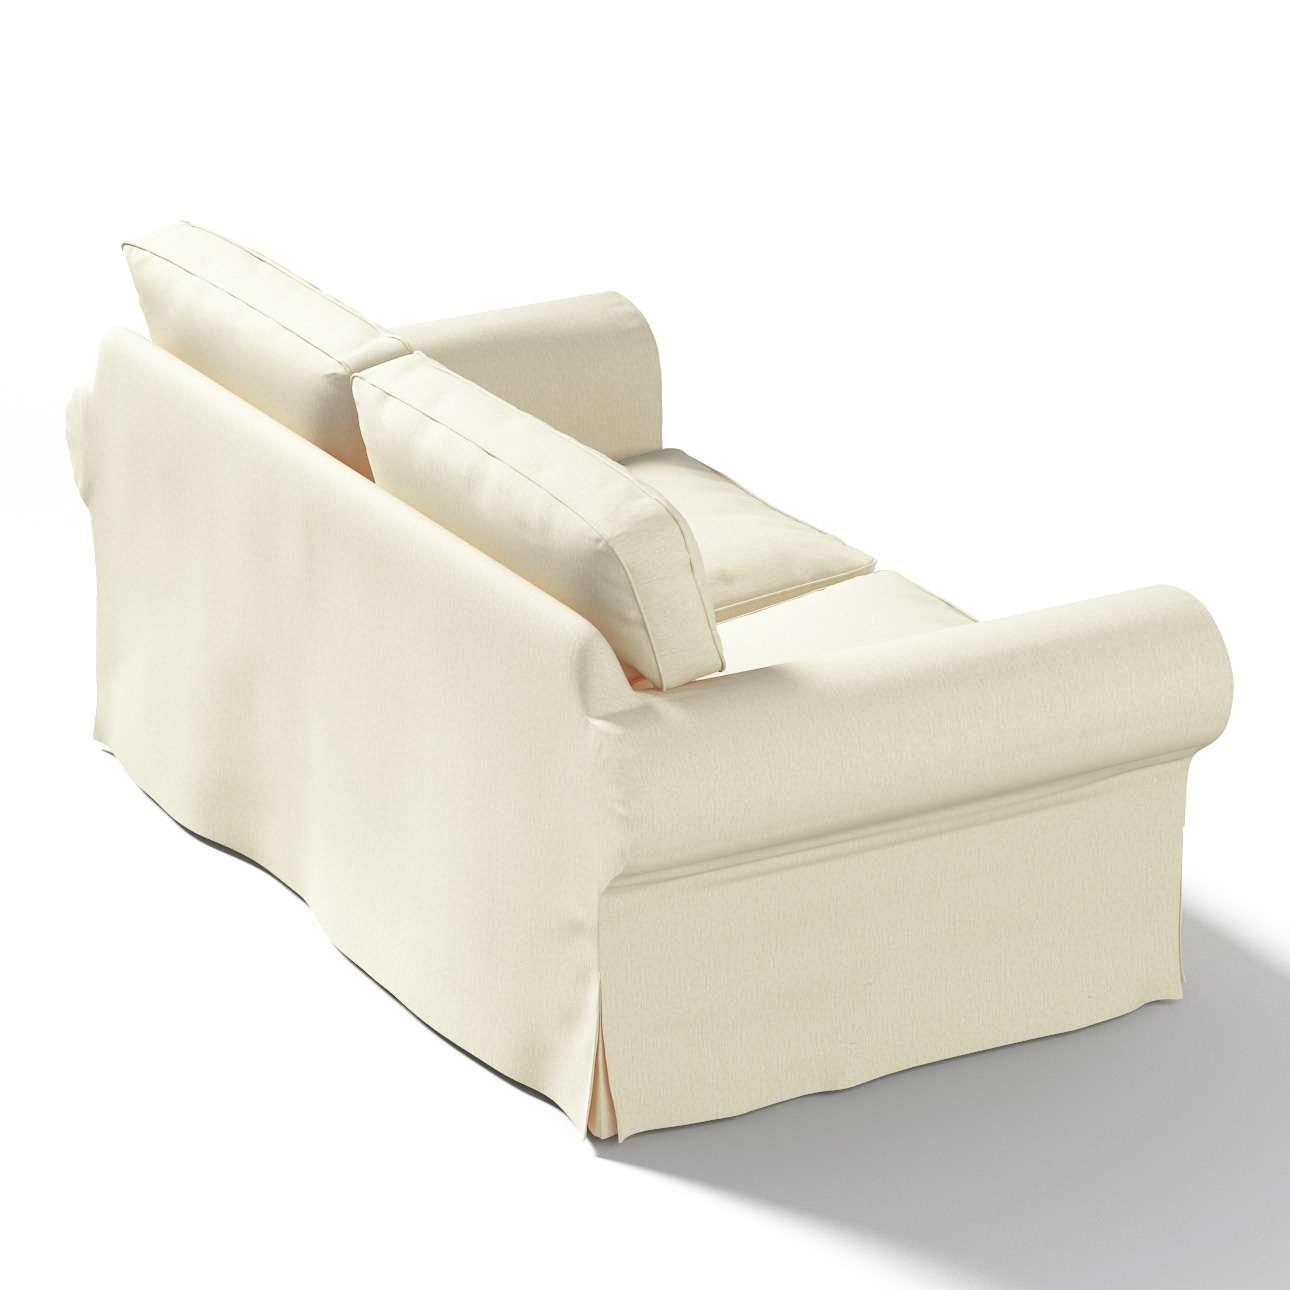 Pokrowiec na sofę Ektorp 2-osobową, rozkładaną STARY MODEL Sofa Ektorp 2-osobowa rozkładana w kolekcji Chenille, tkanina: 702-22